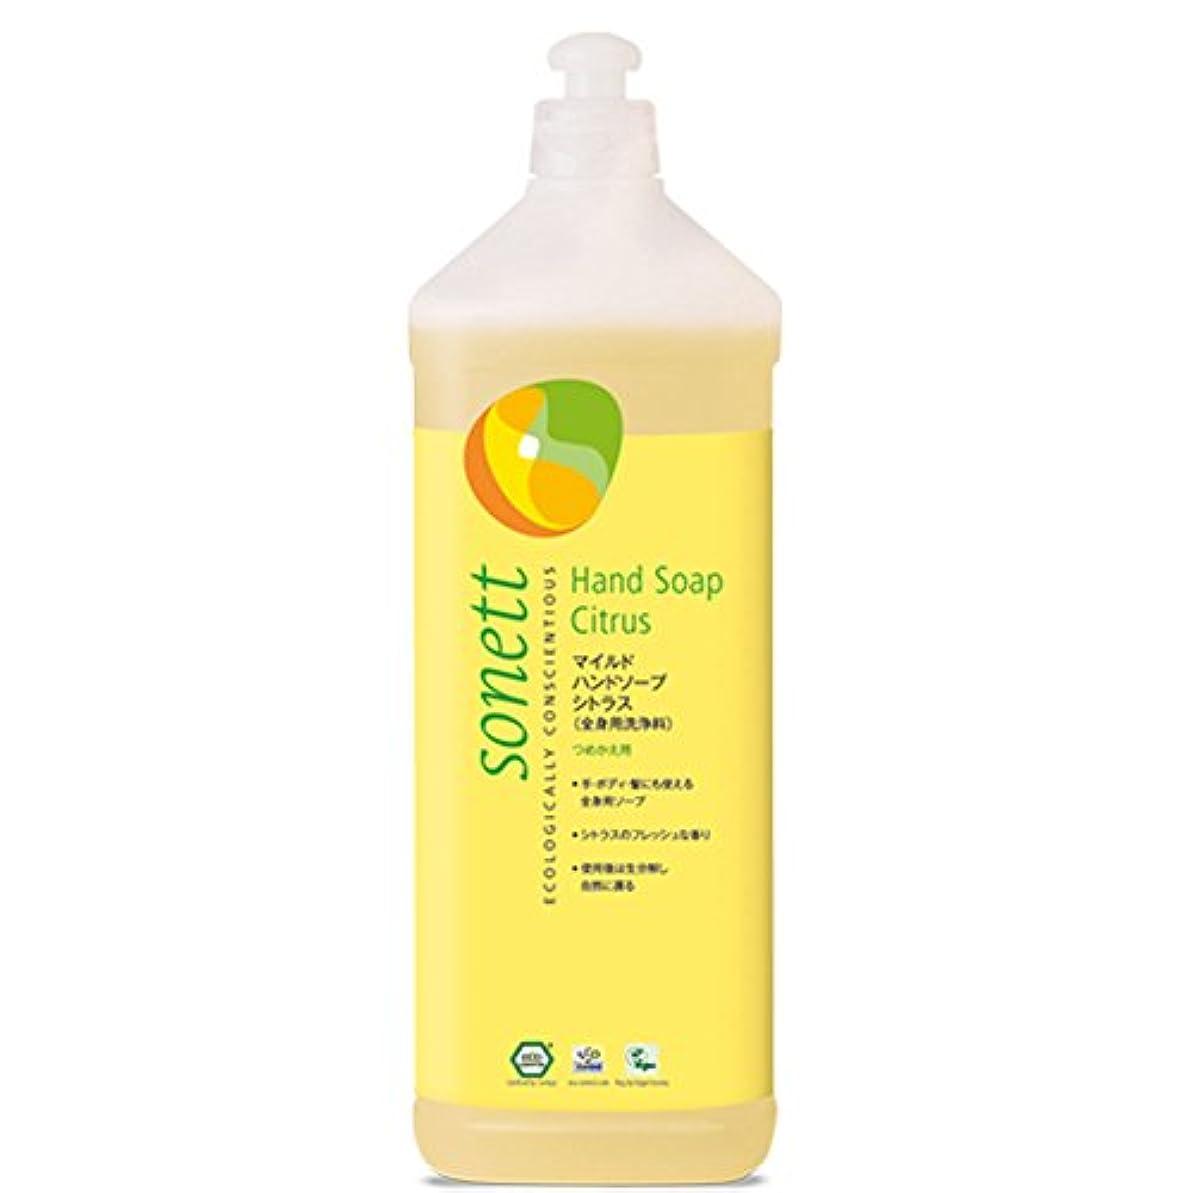 寛容海外で減るSONETT ( ソネット 洗剤 ) マイルドハンドソープ シトラス 1L  ( ボディー&ハンドソープ 全身 )